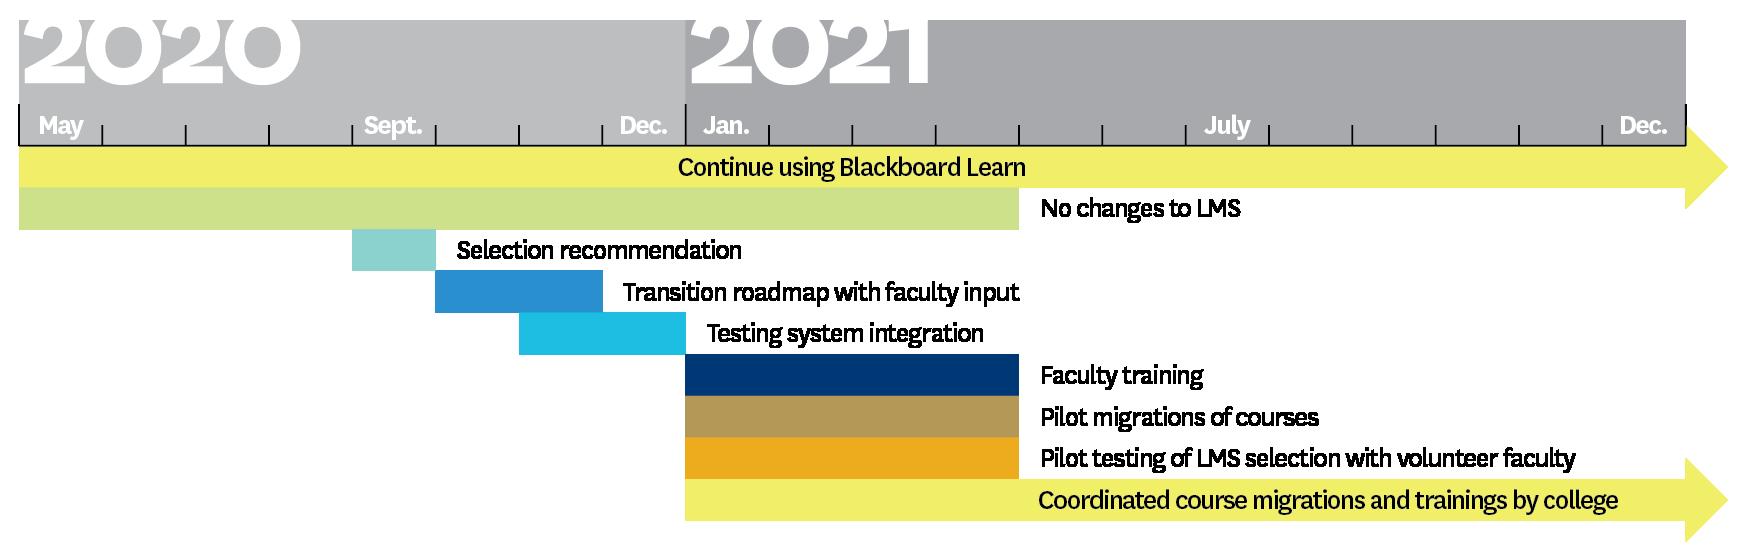 LMS 2020-2021 Aspirational Timeline